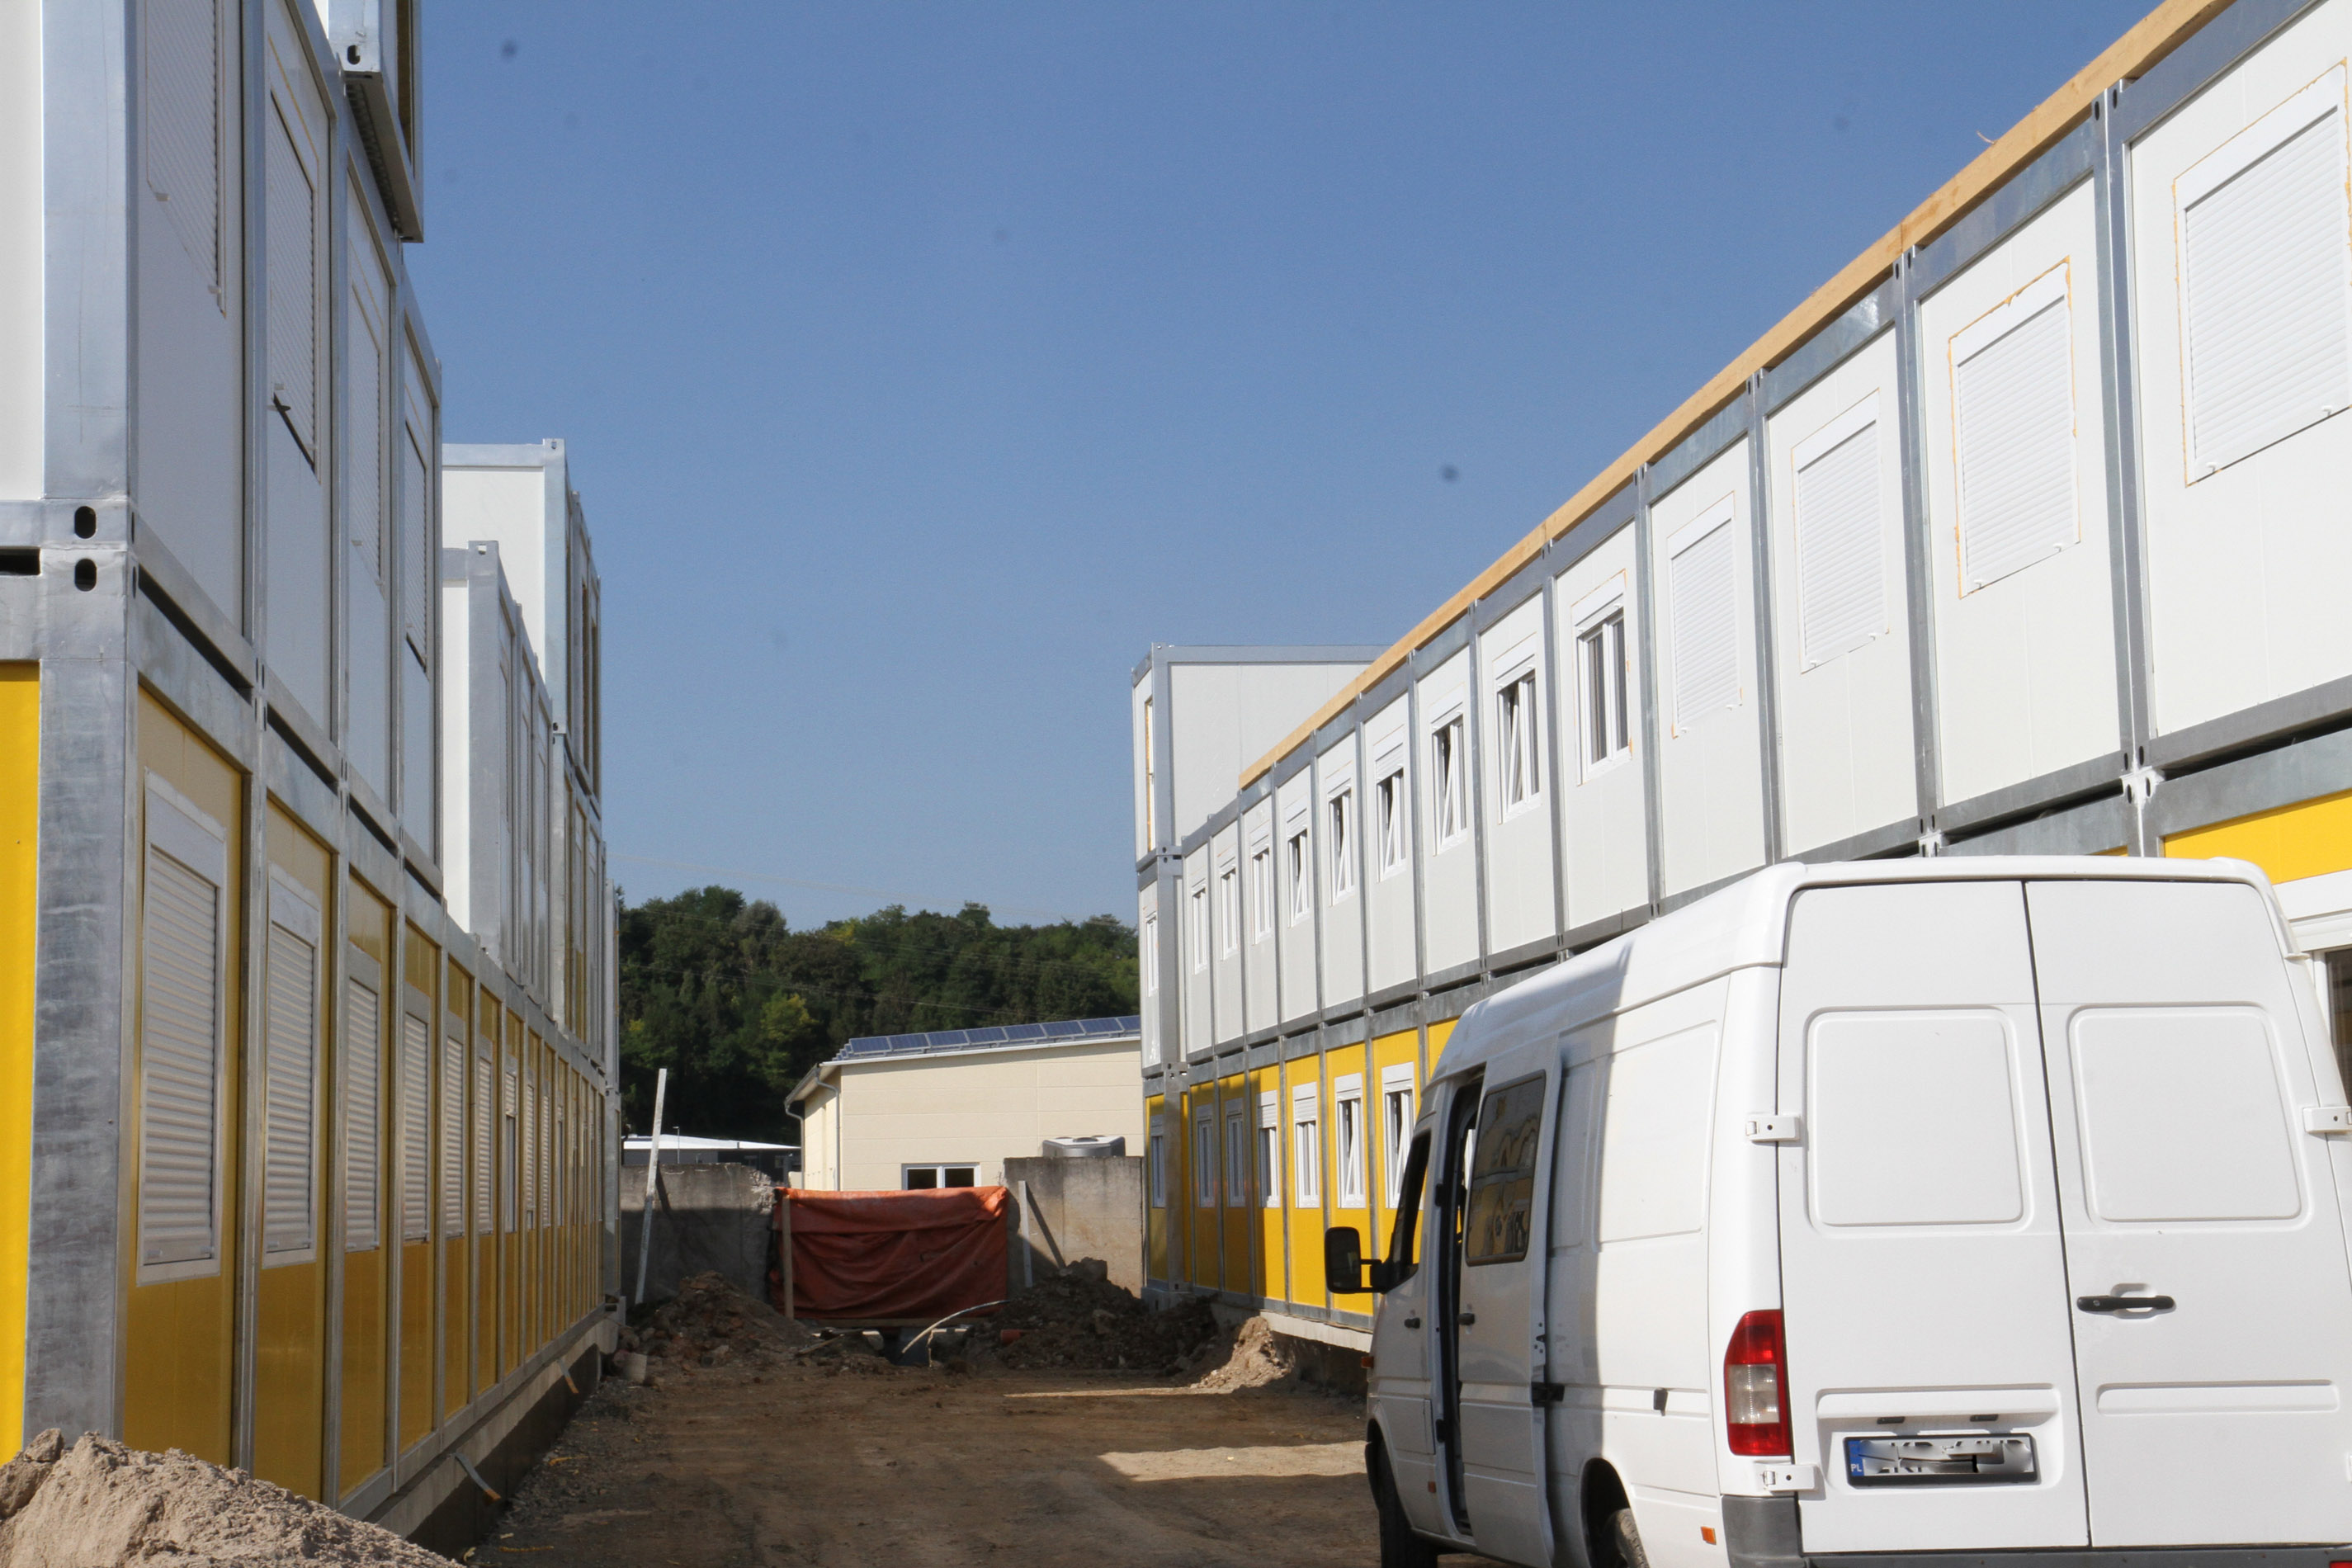 Containerunterkunft in der Dieselstraße in Meckesheim.